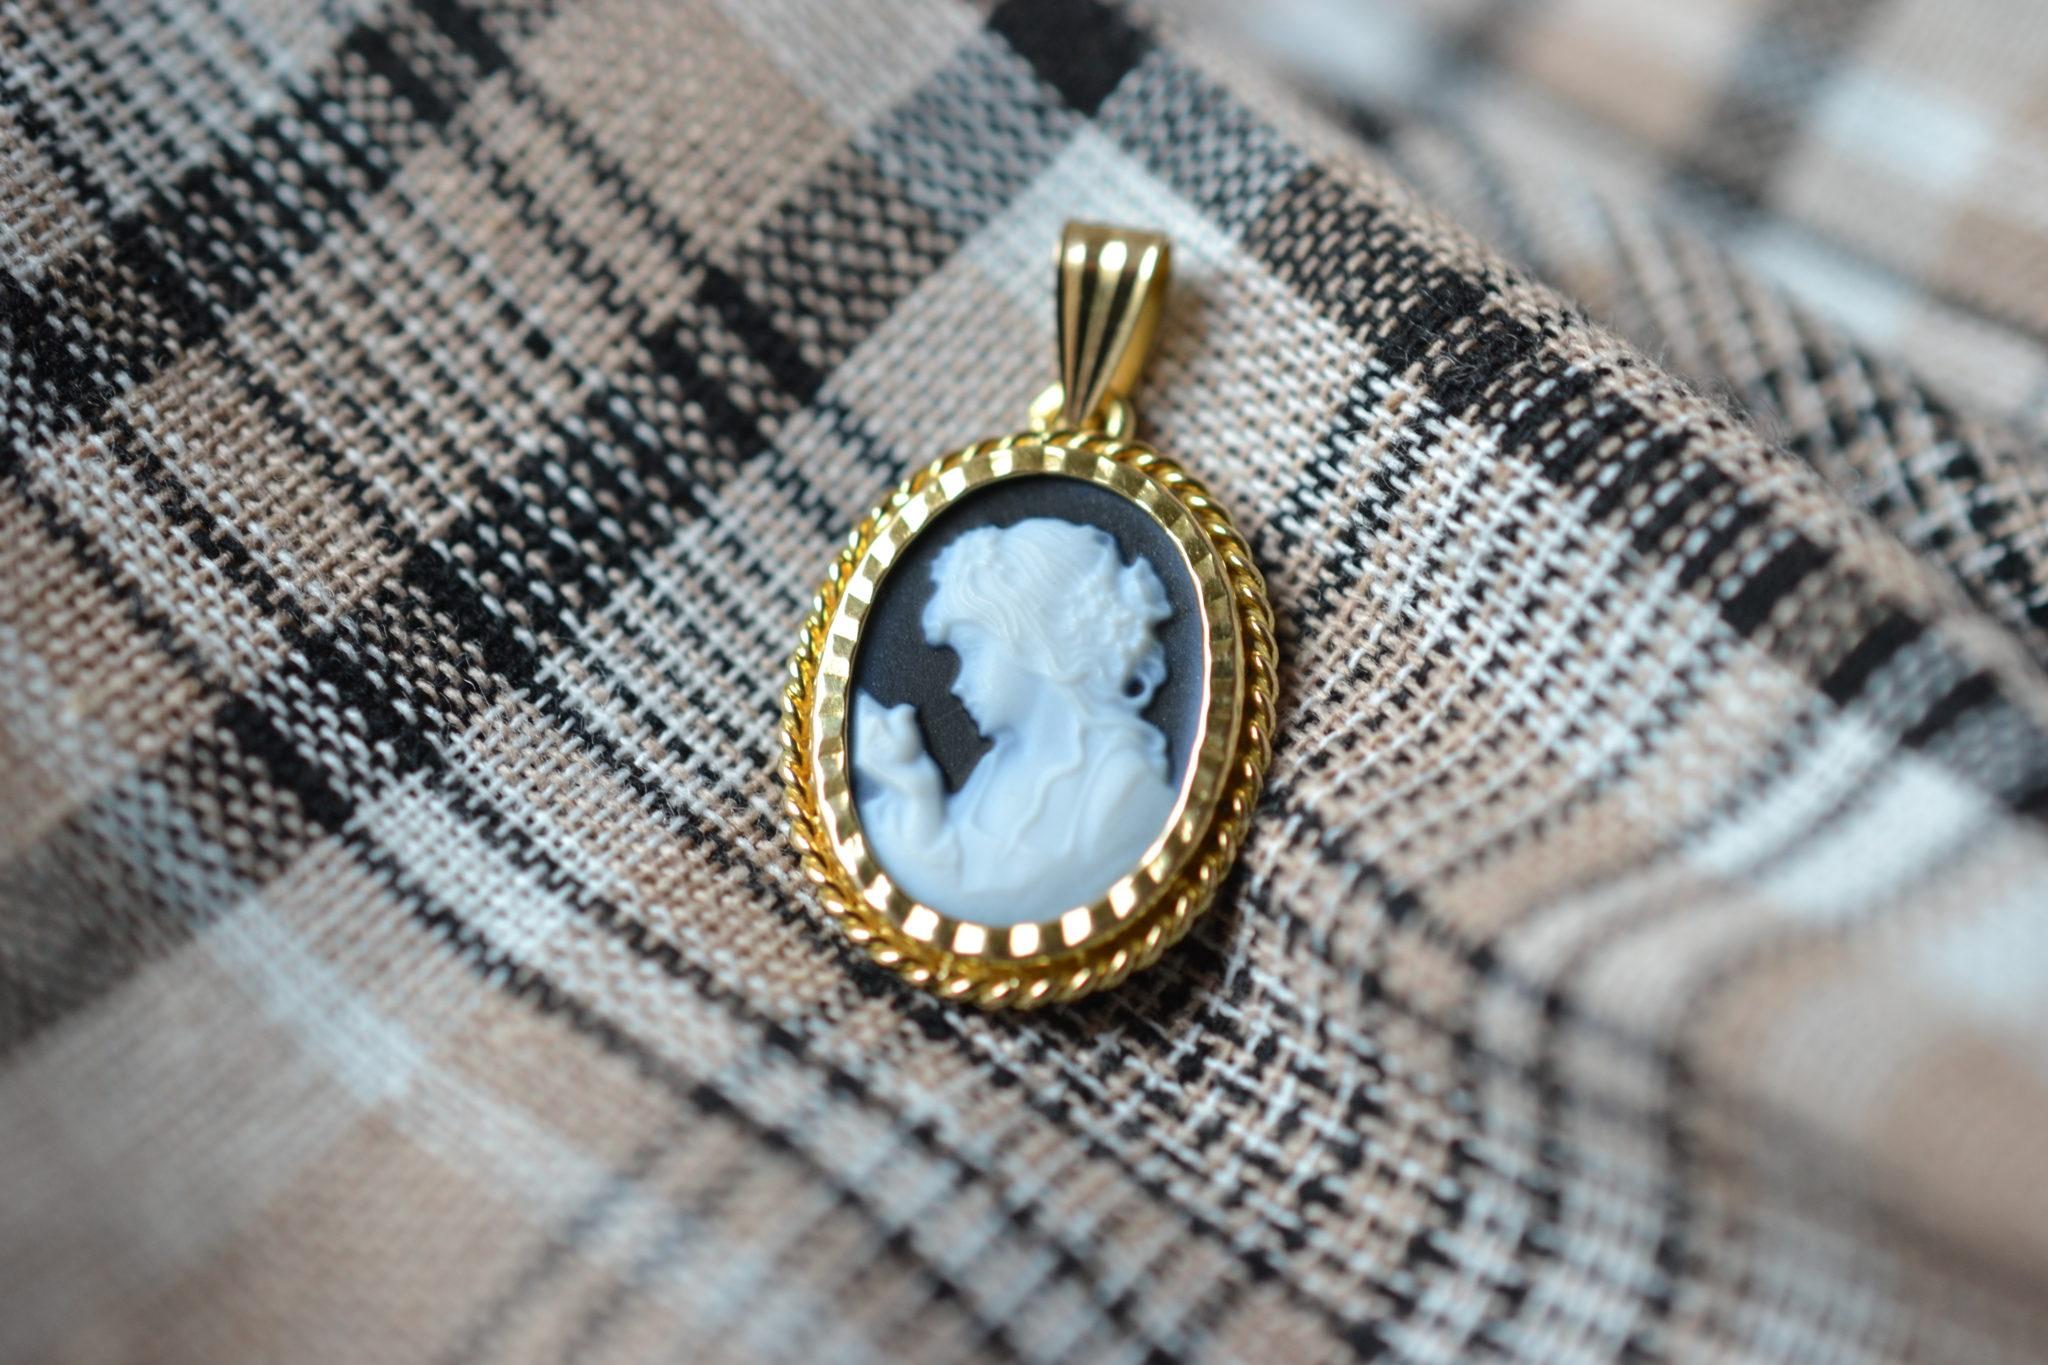 Pendentif en Or jaune serti d_un camée au profil de femme sur une plaque d'Onyx - bijou éthique et éco-responsable